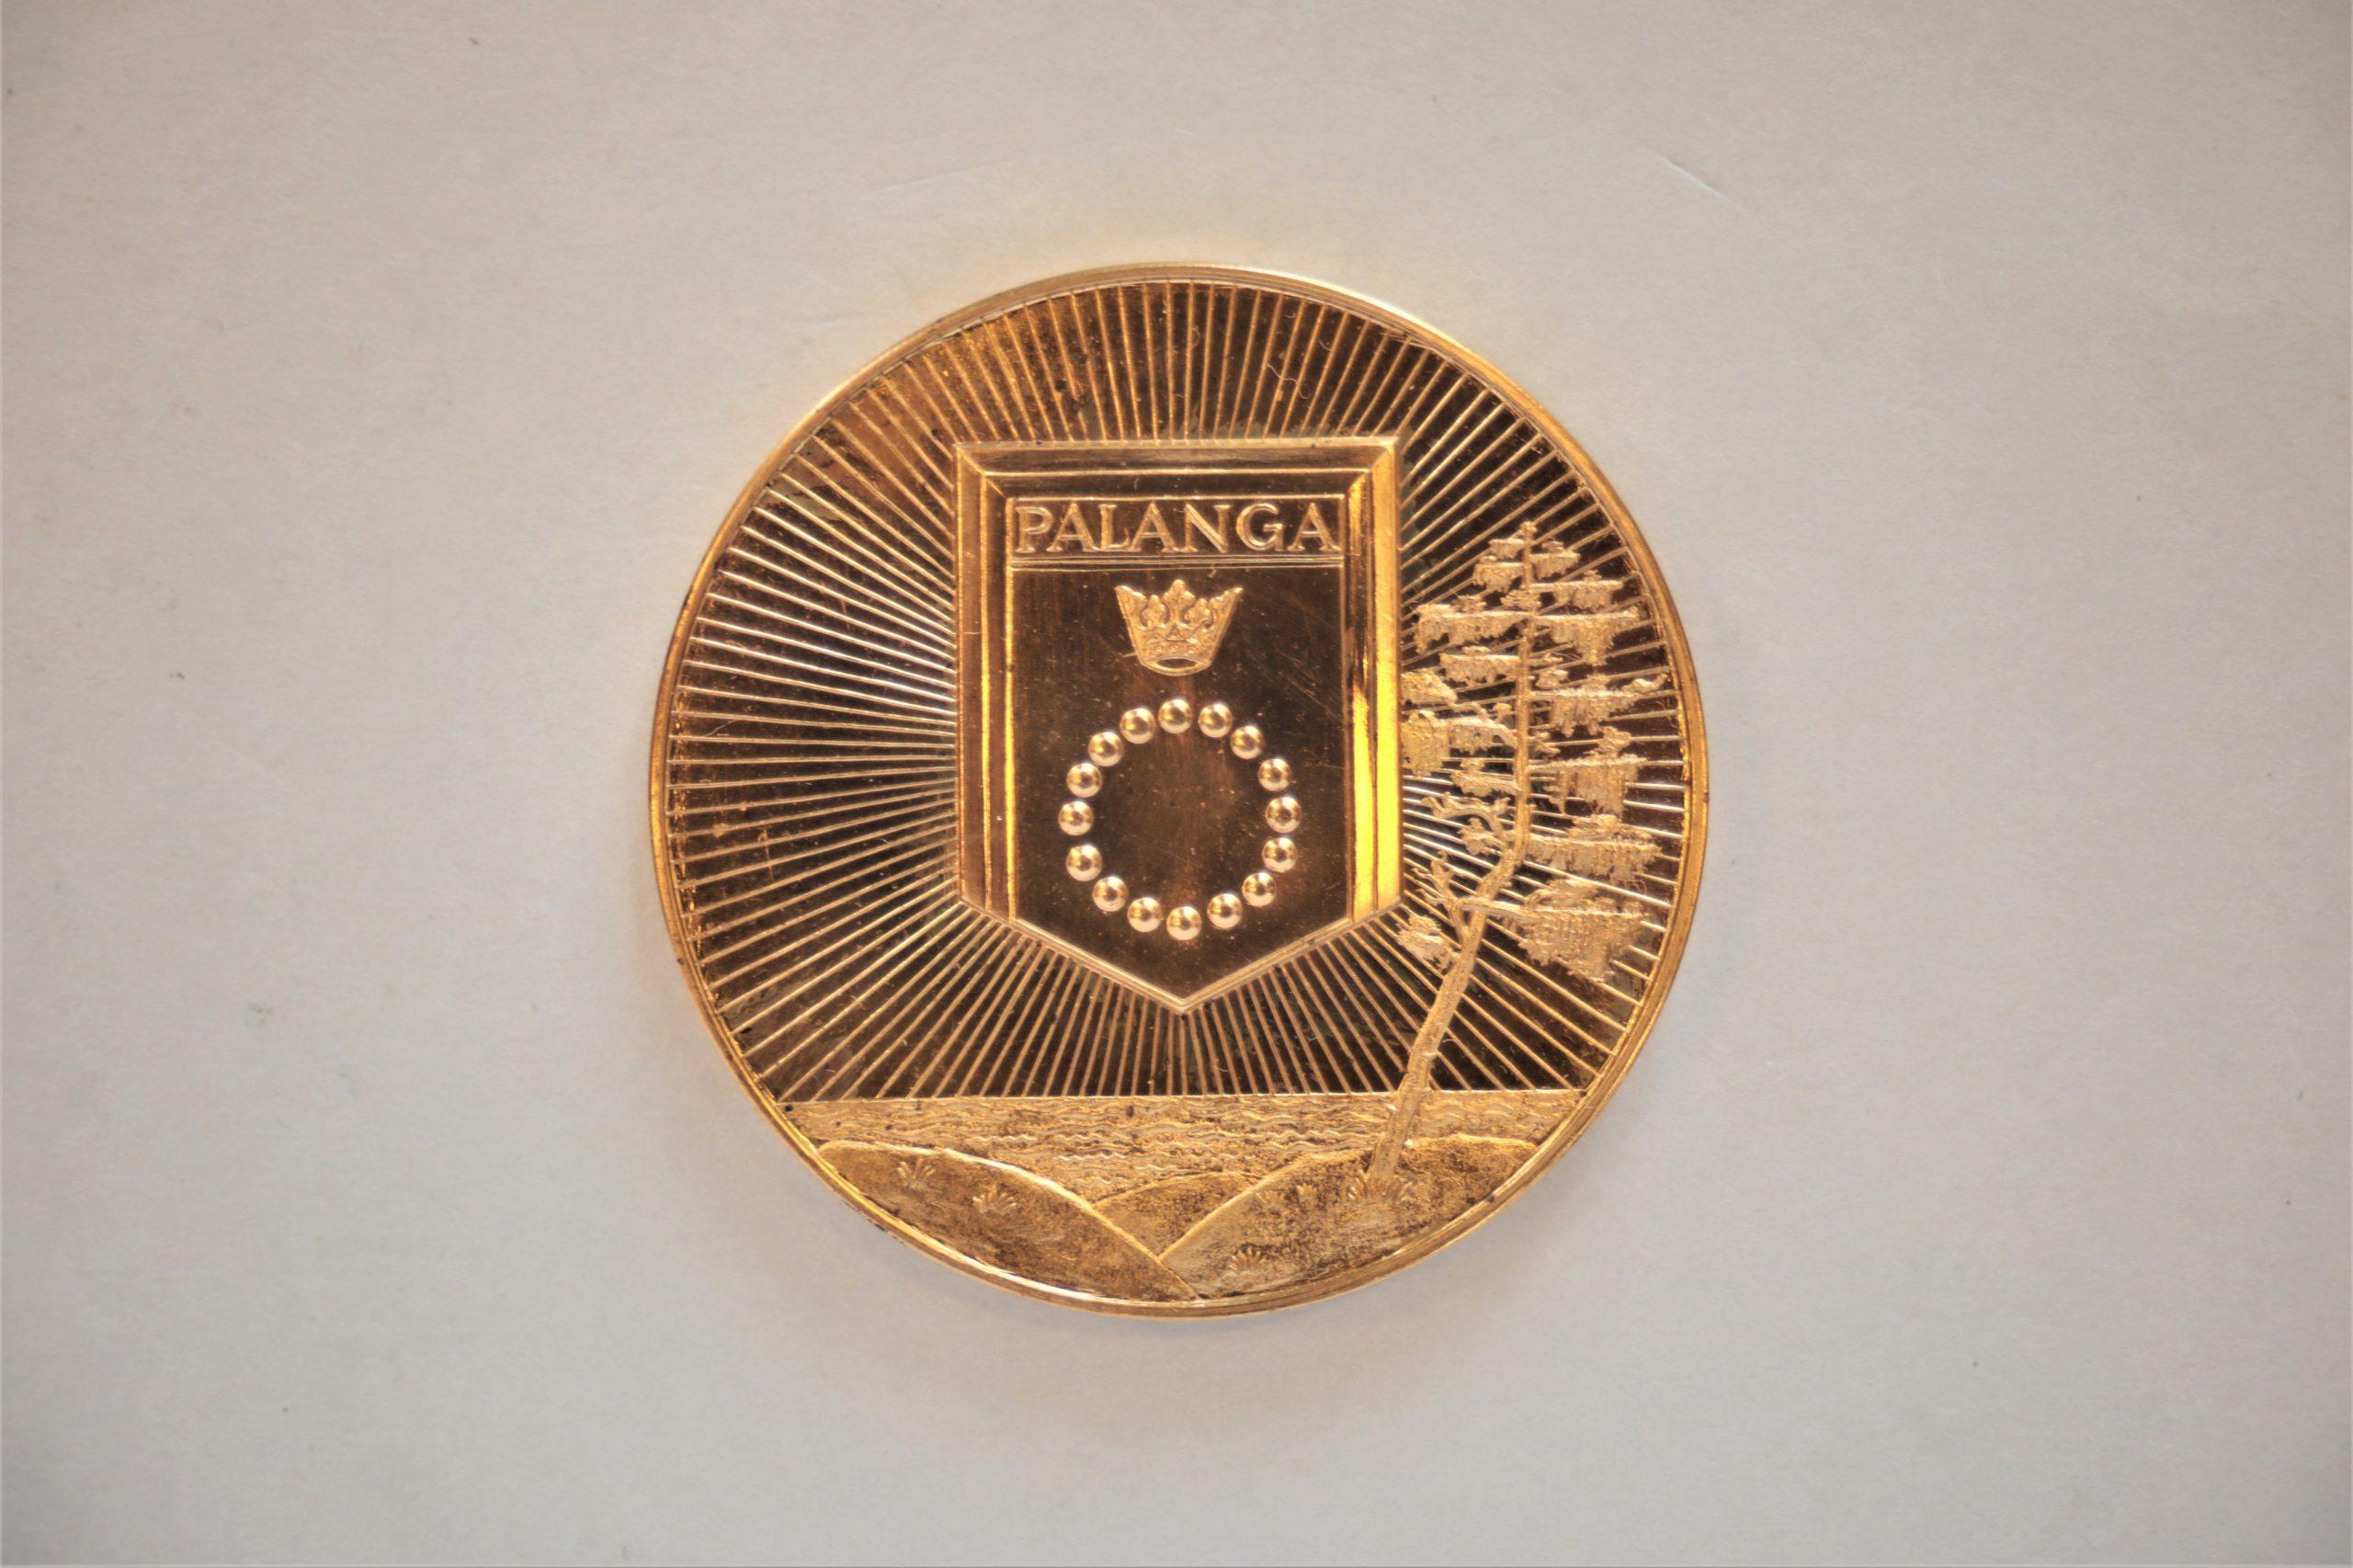 Medalis. Palanga. Geltonas metalas. Aversas. Autorius nežinomas